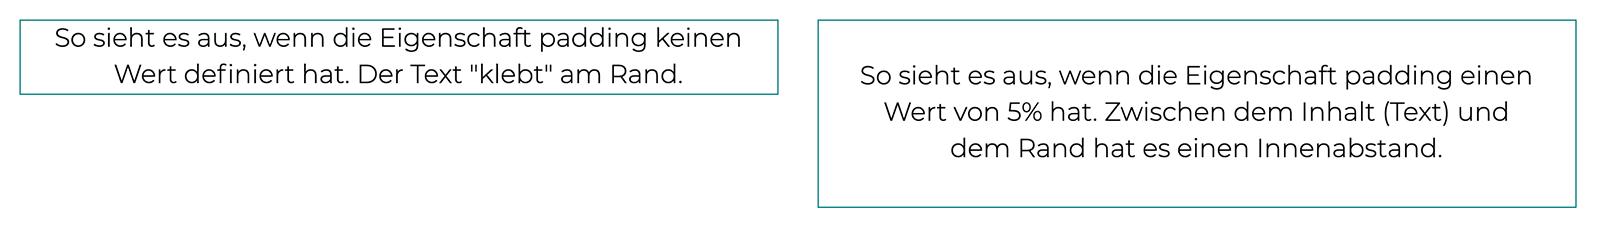 Beispielbild zur Veranschaulichung von einem Textfeld mit padding und einem ohne